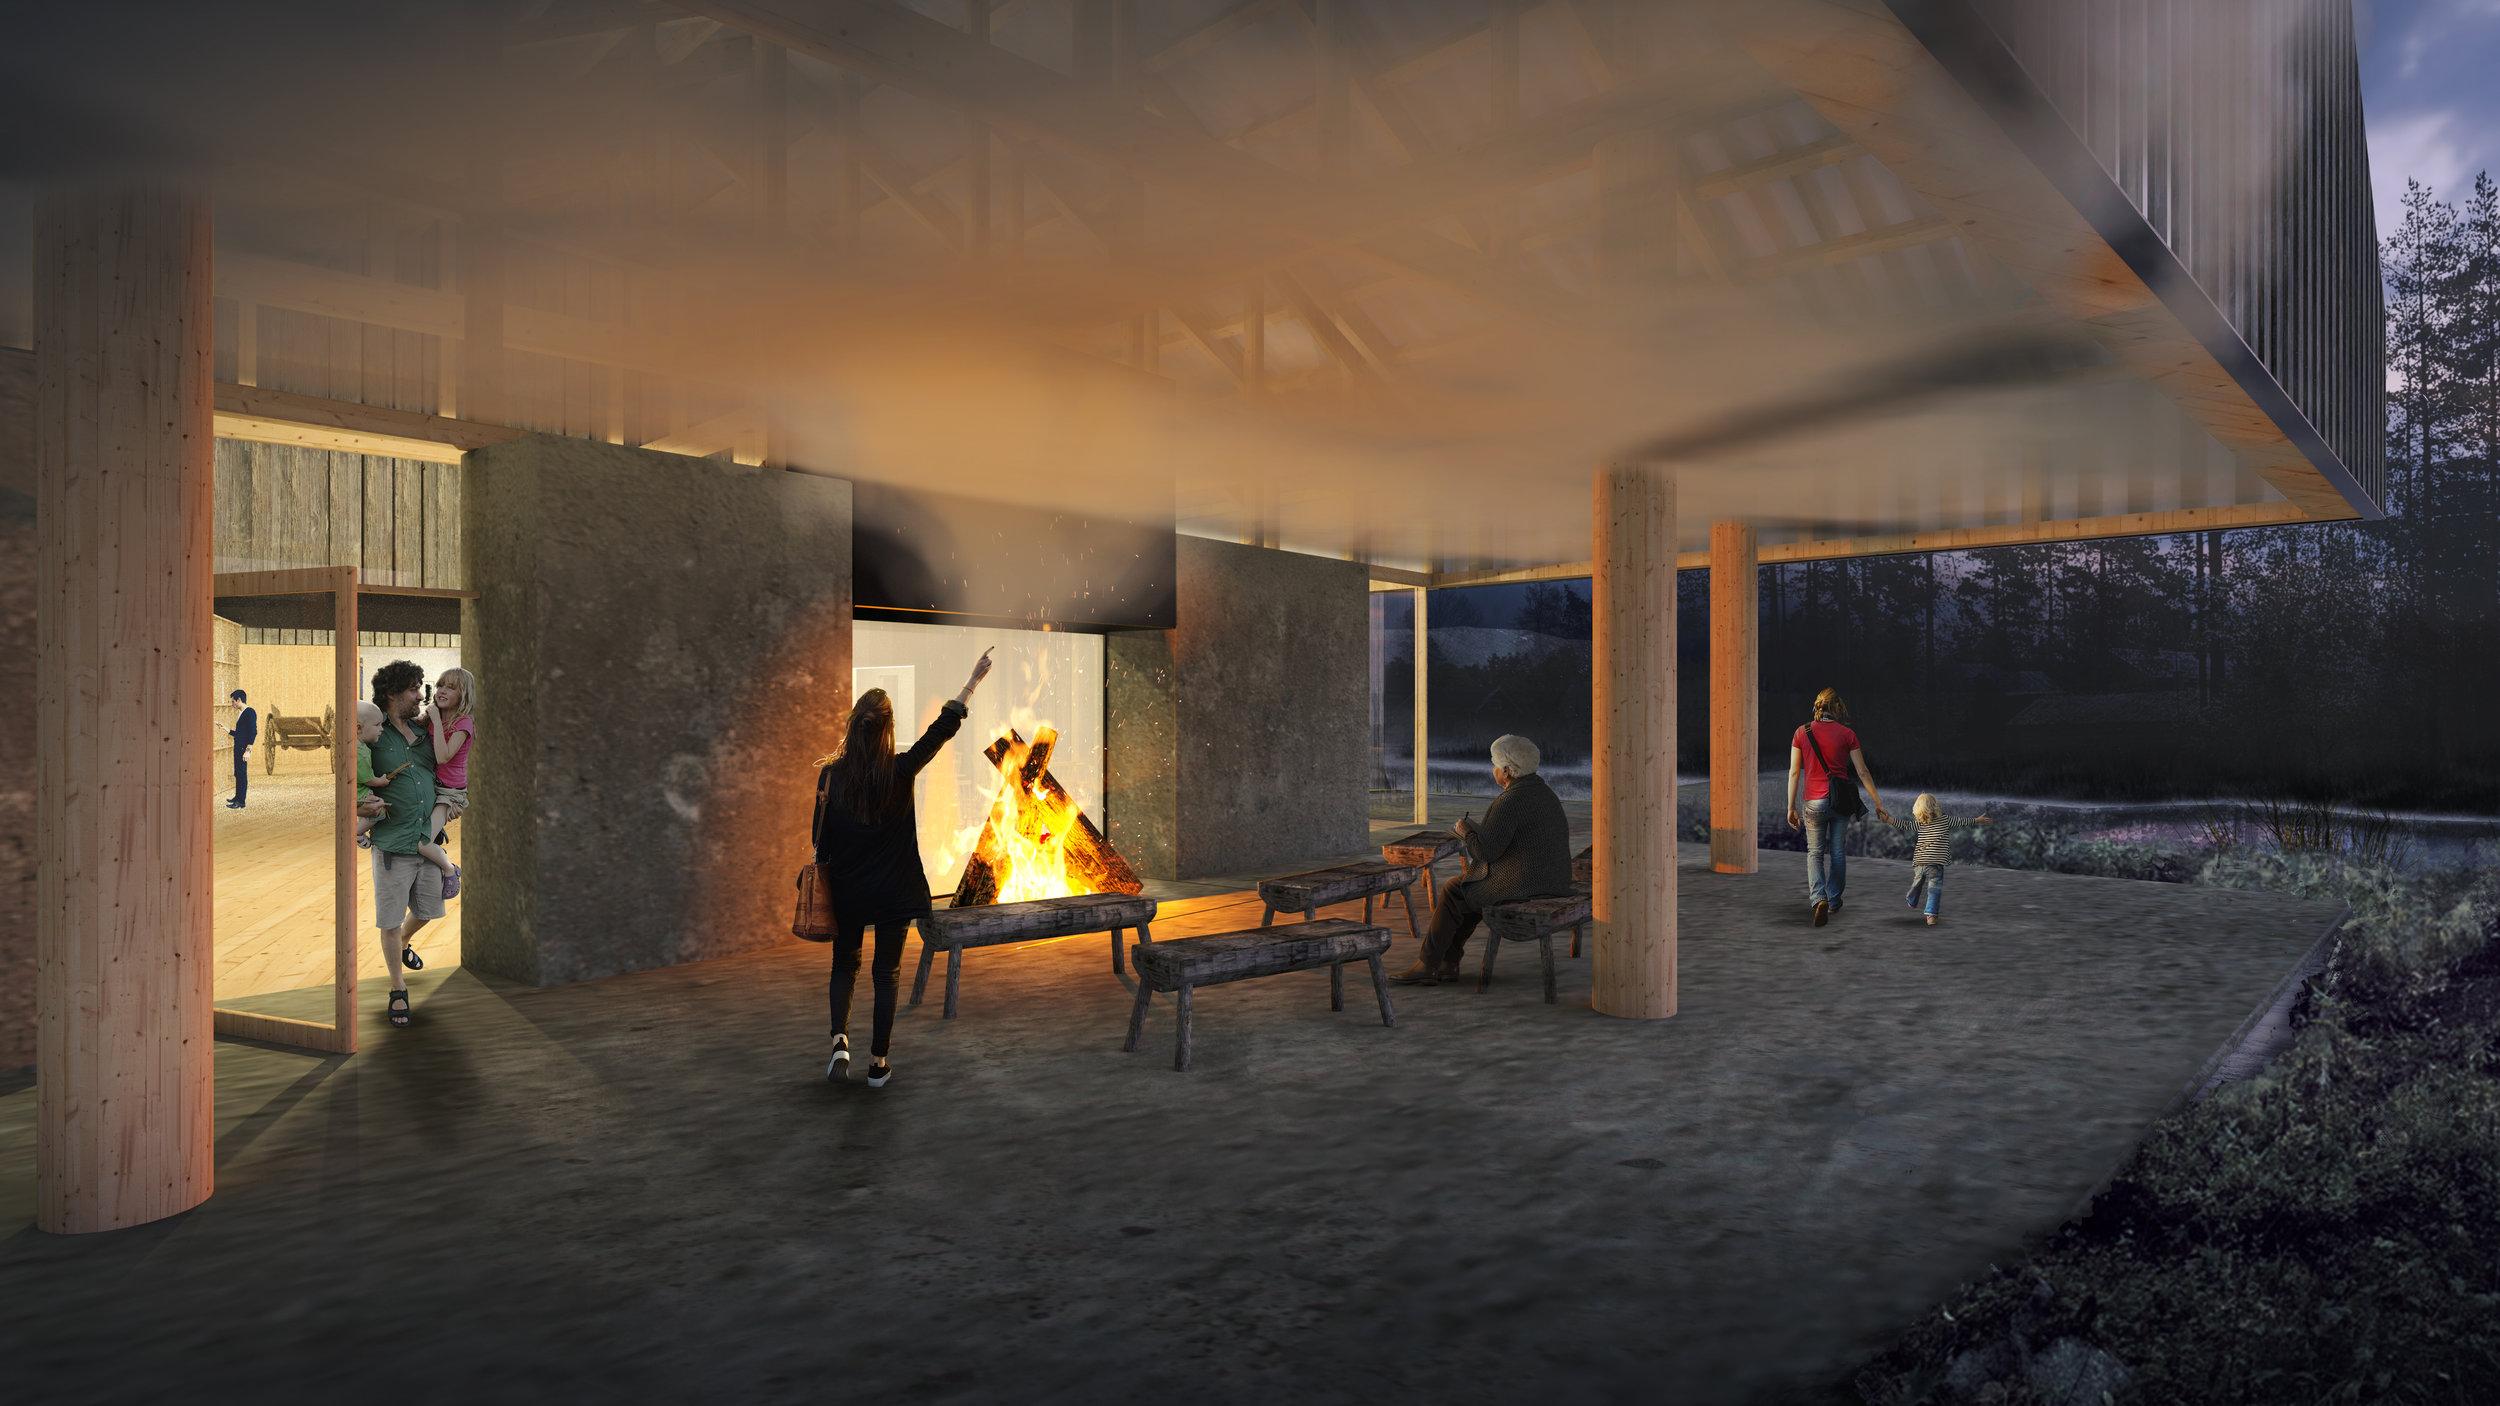 NSM_PV View 2_Fireplace.jpg